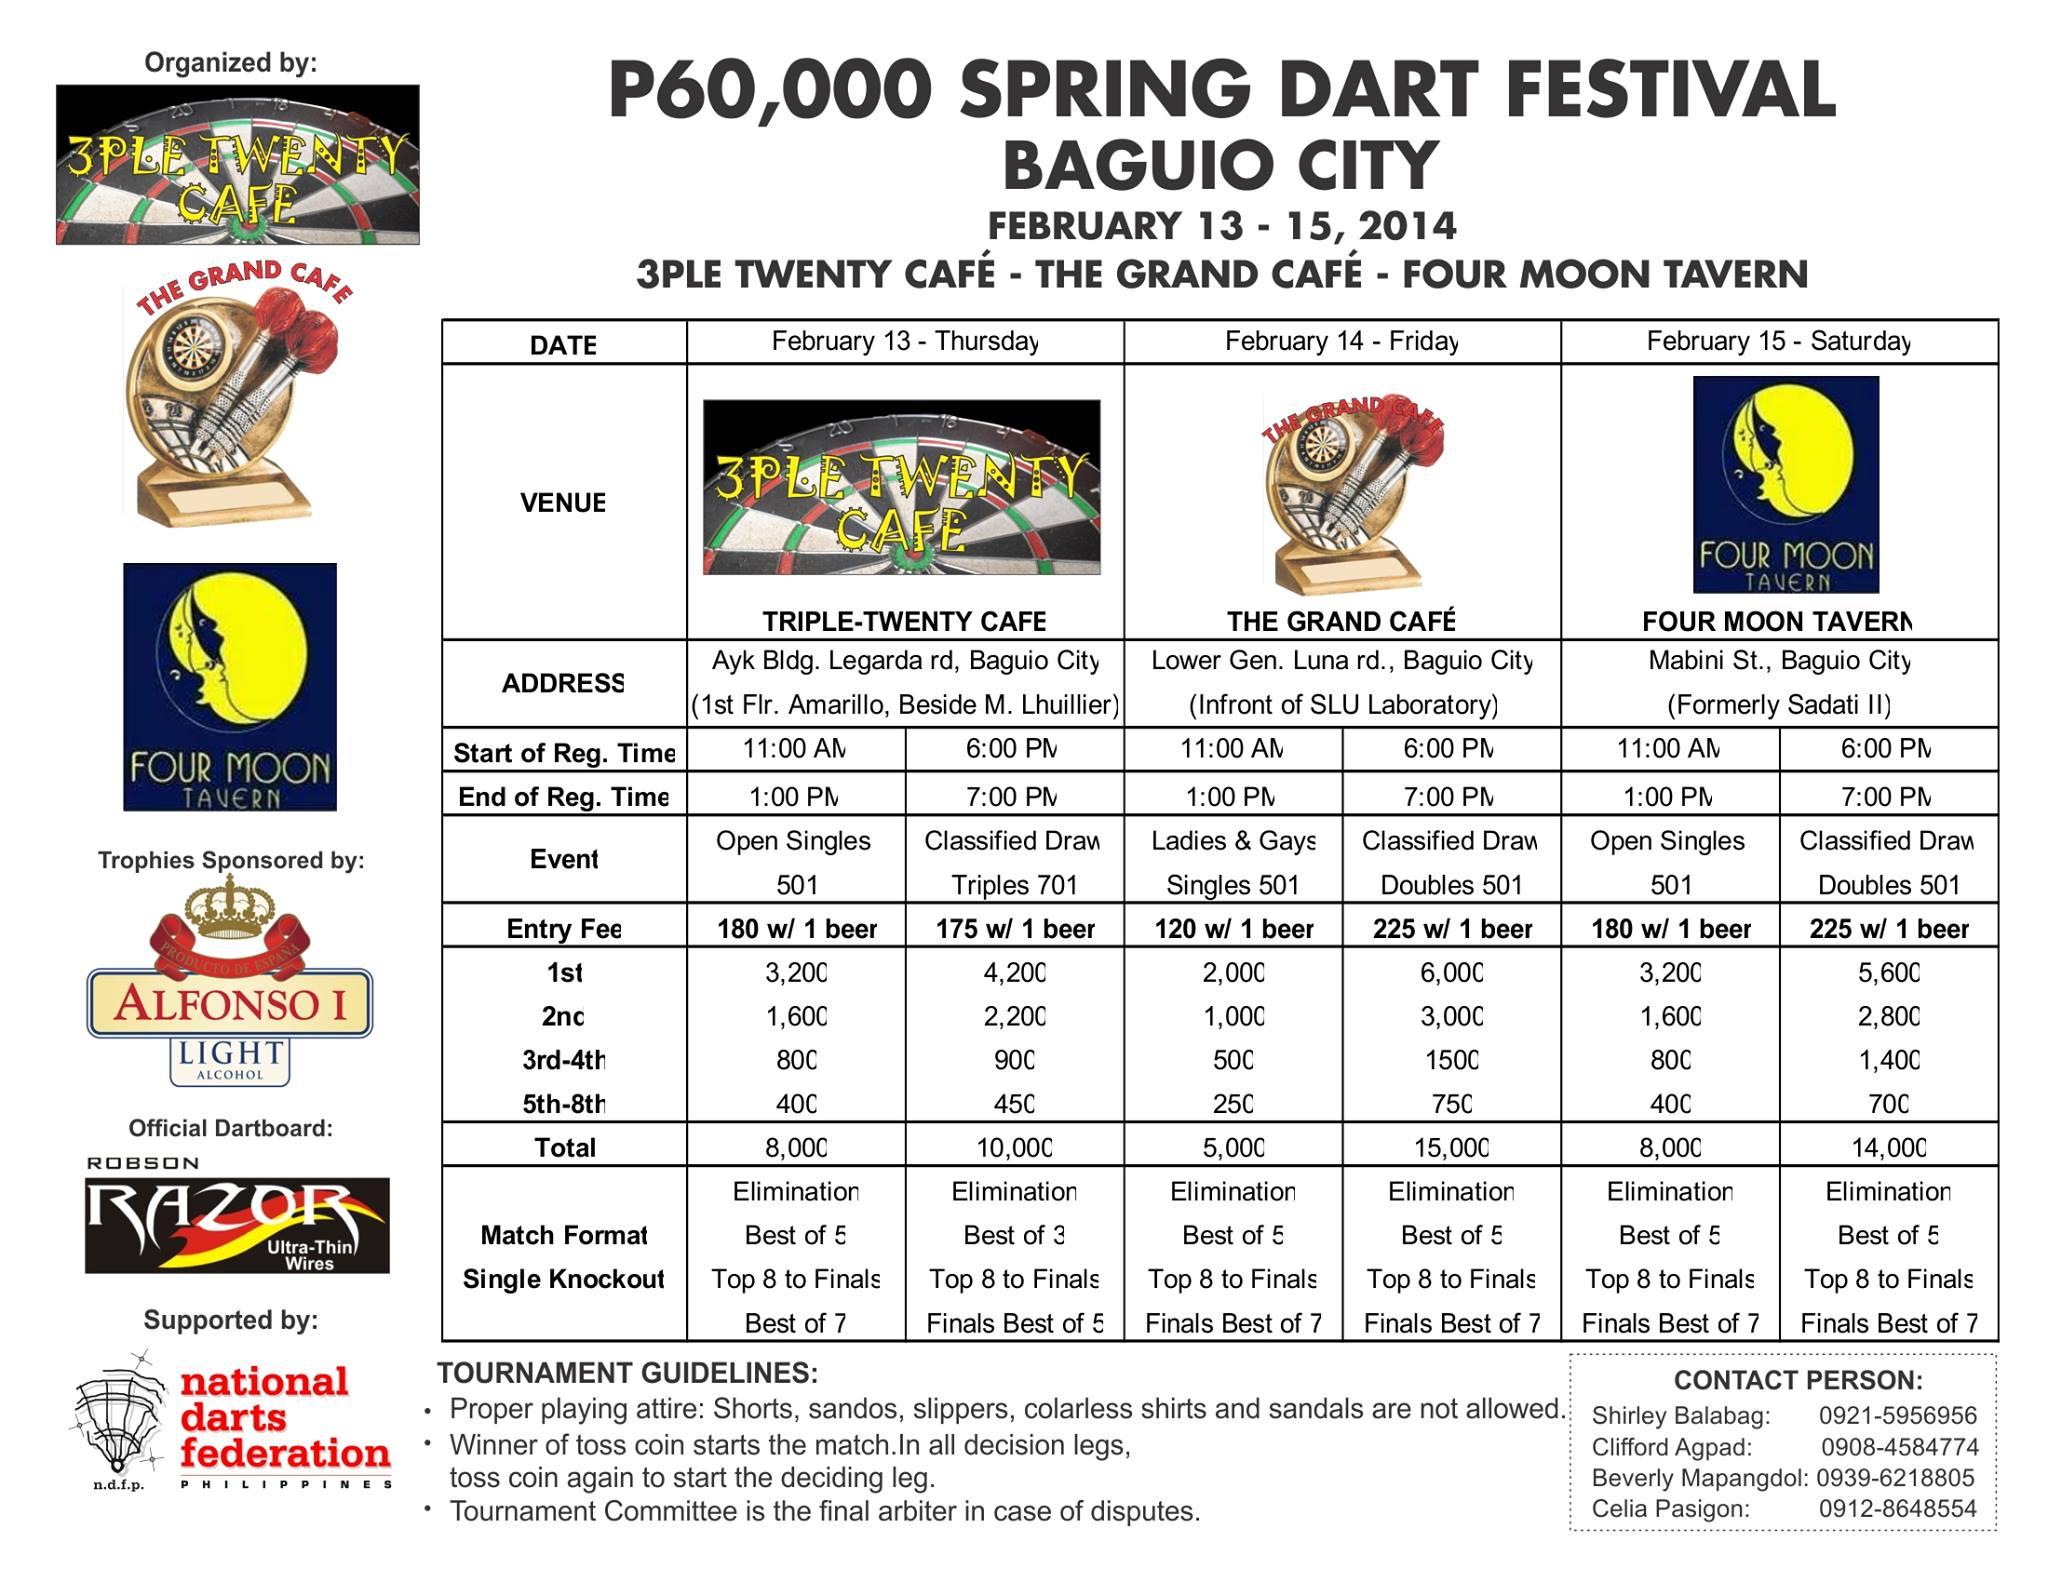 Spring Dart Festival Baguio City